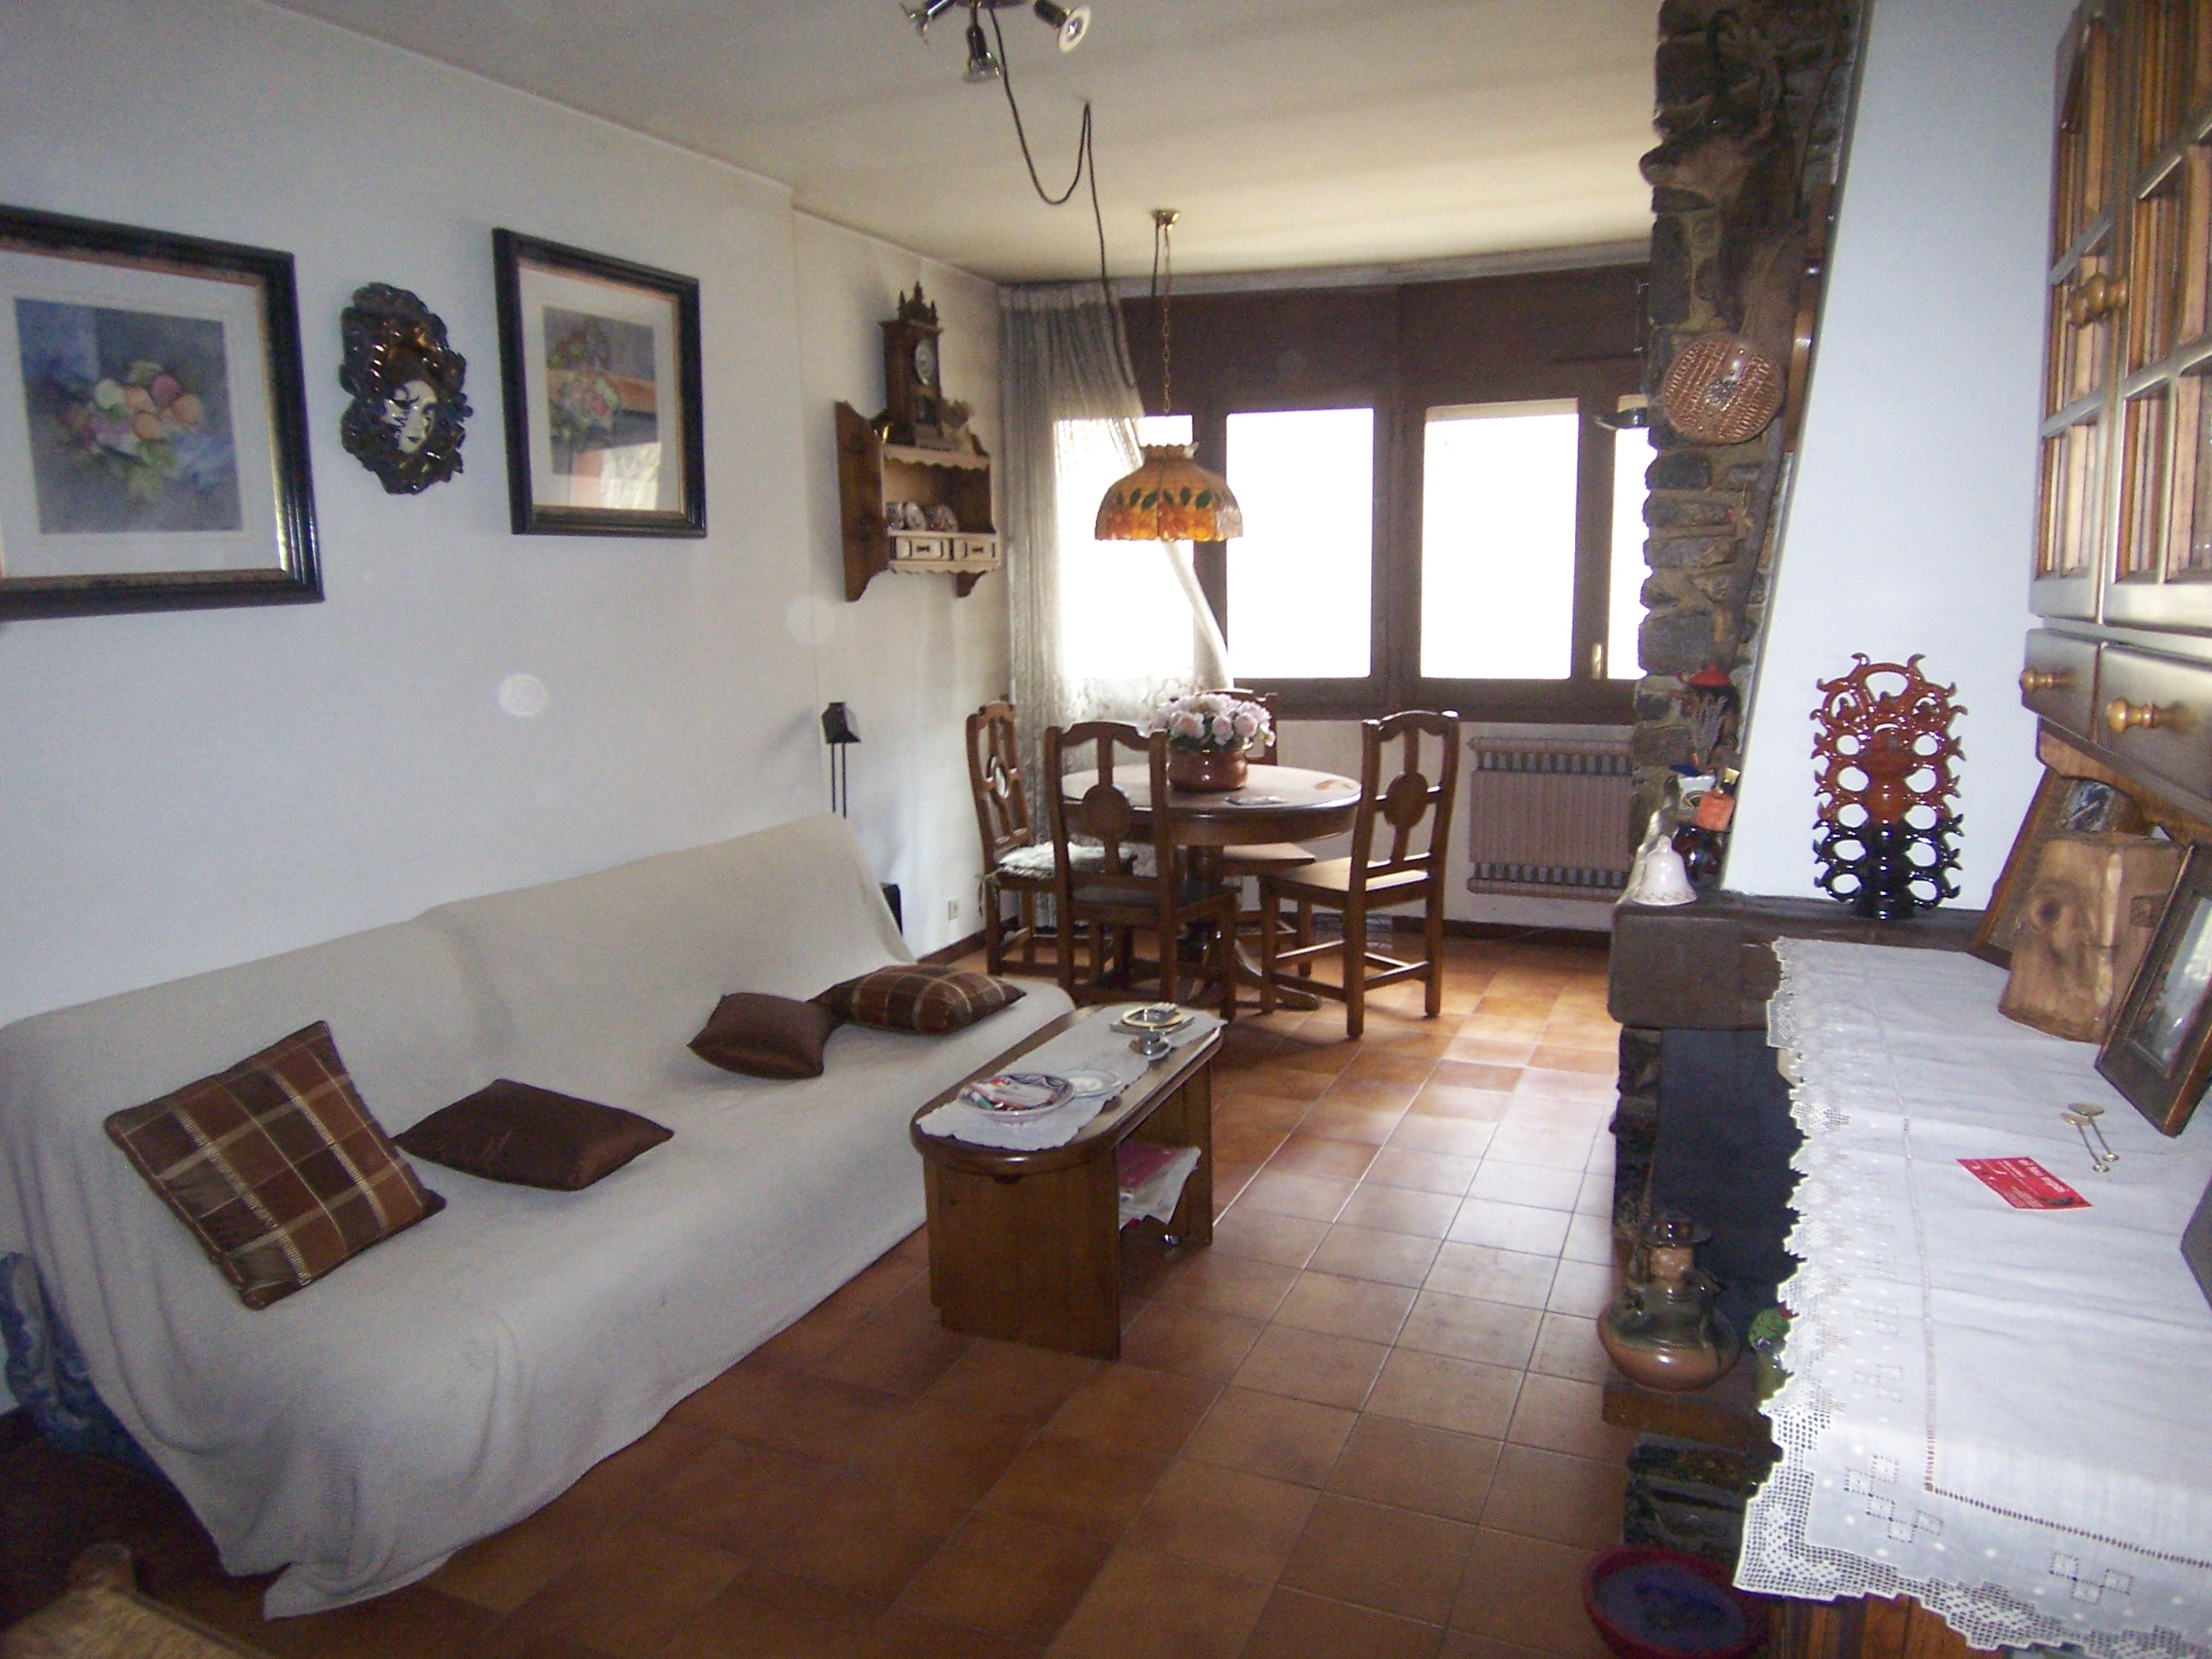 Àtic en venda a Arinsal, 1 habitació